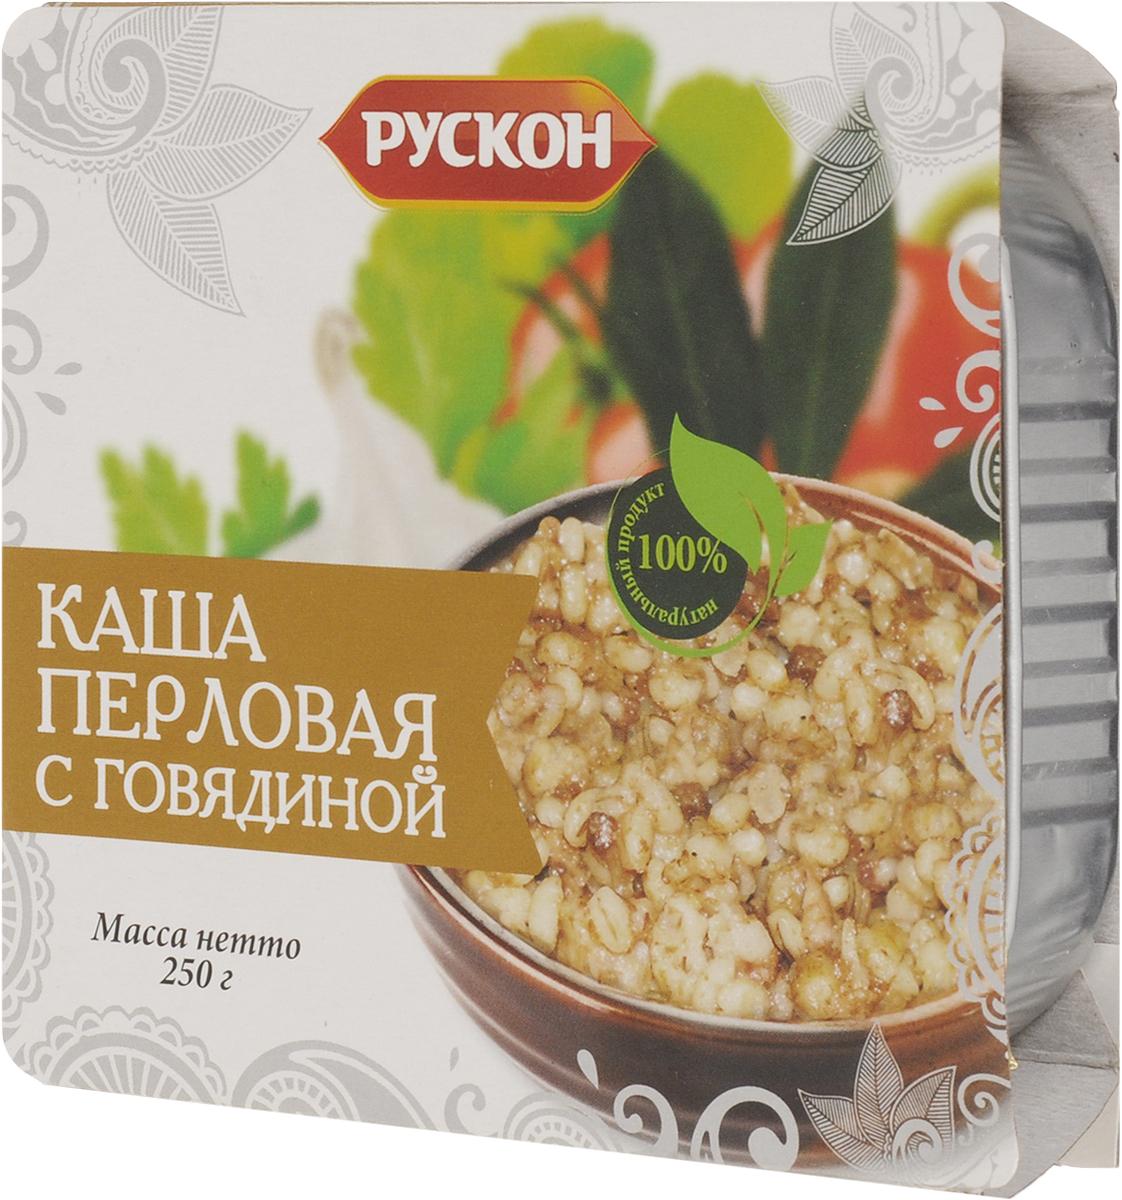 Рускон каша перловая с говядиной, 250 г